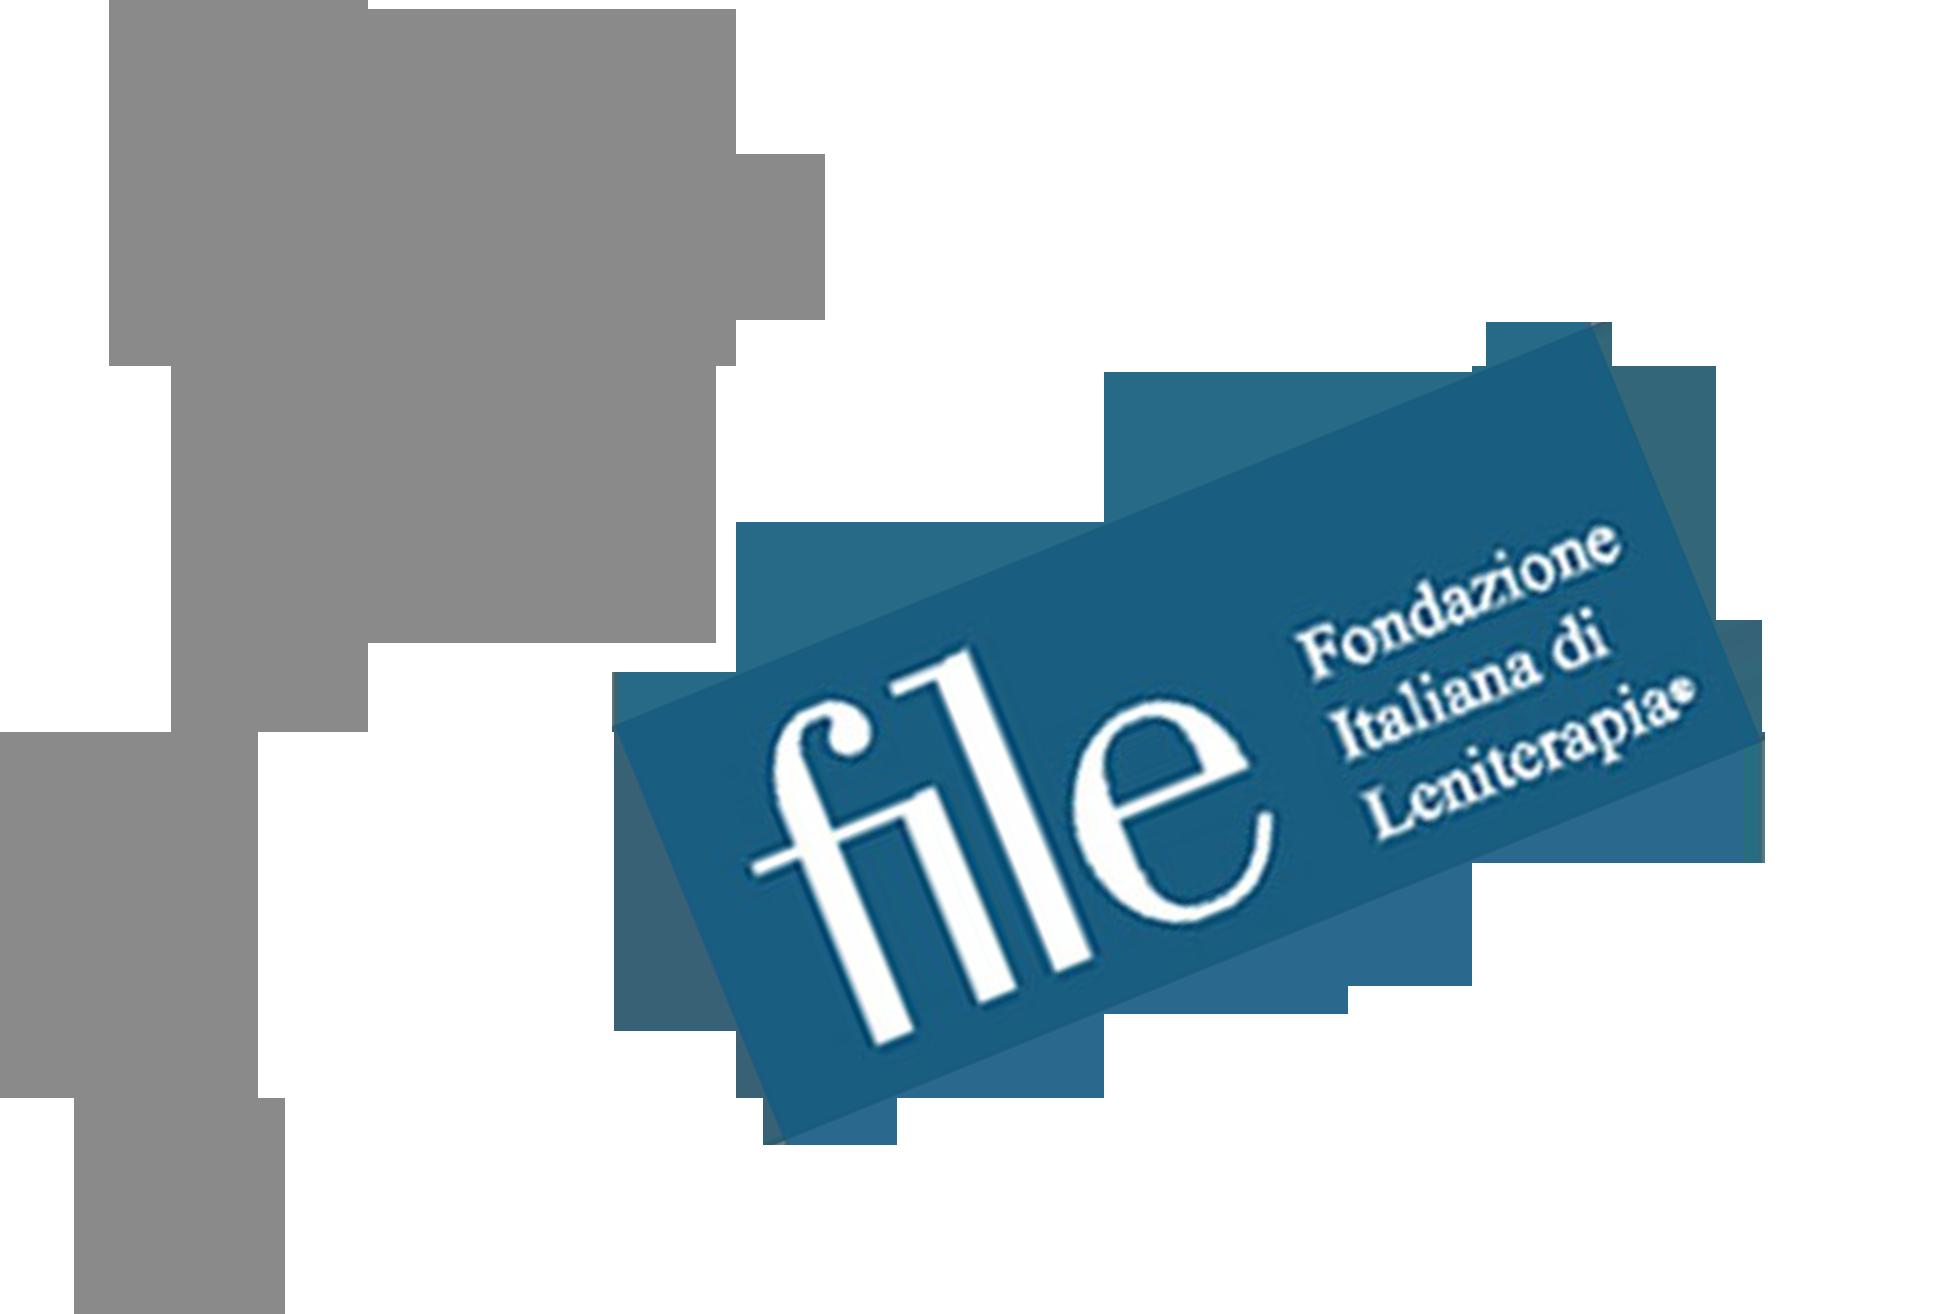 FILE Fondazione Italiana di Leniterapia